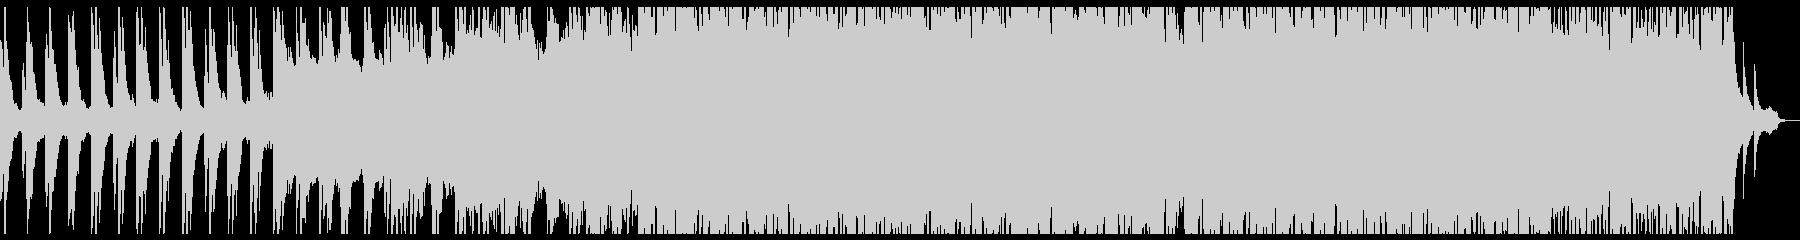 ゆったり感動的なシネマティックシンフォ。の未再生の波形